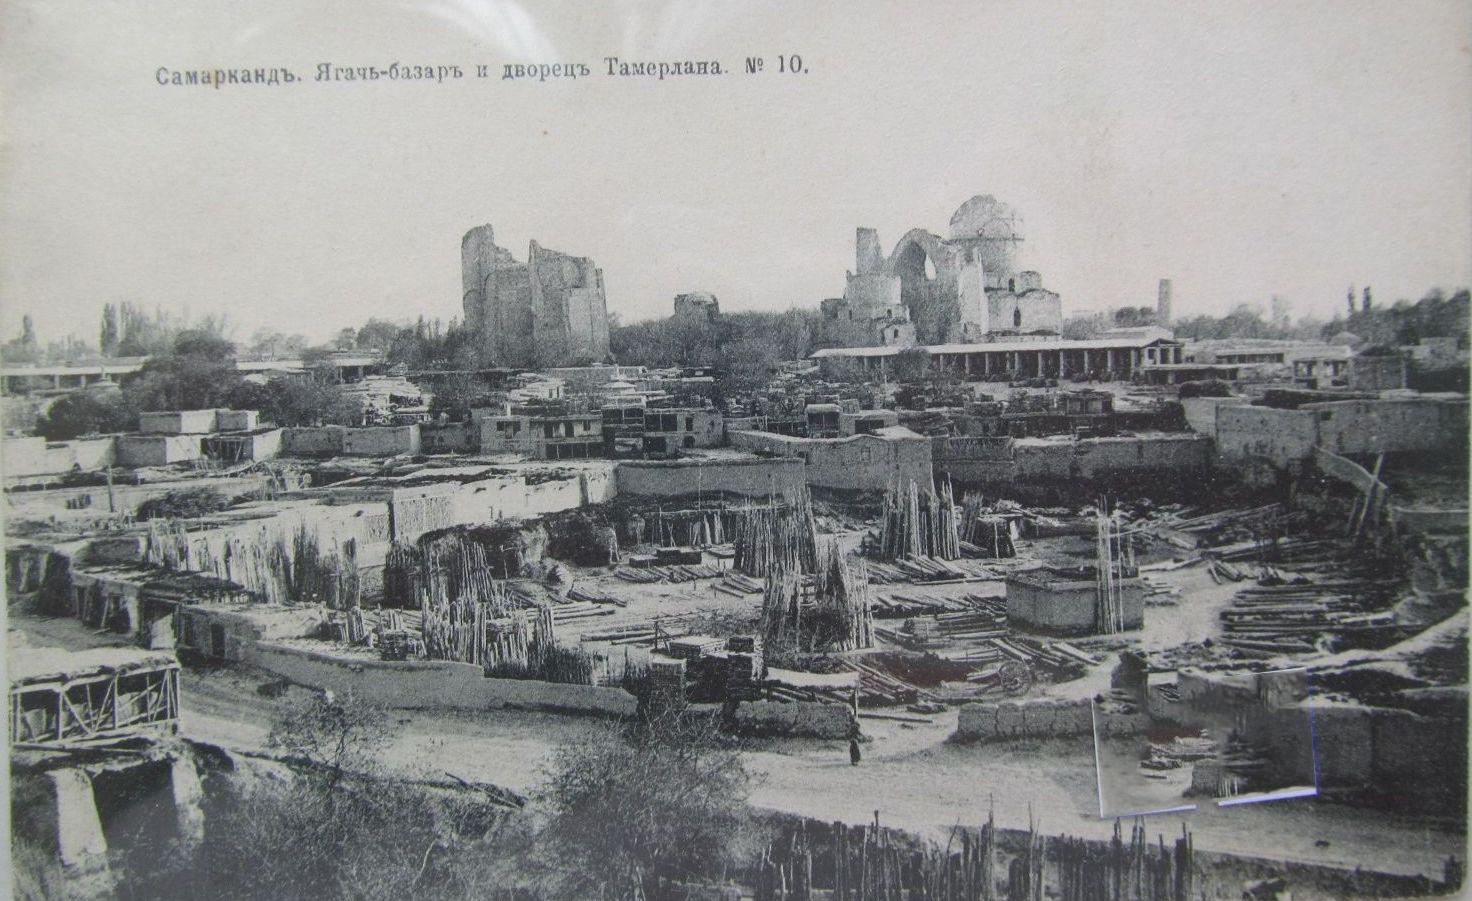 Ягач-базар и дворец Тамерлана